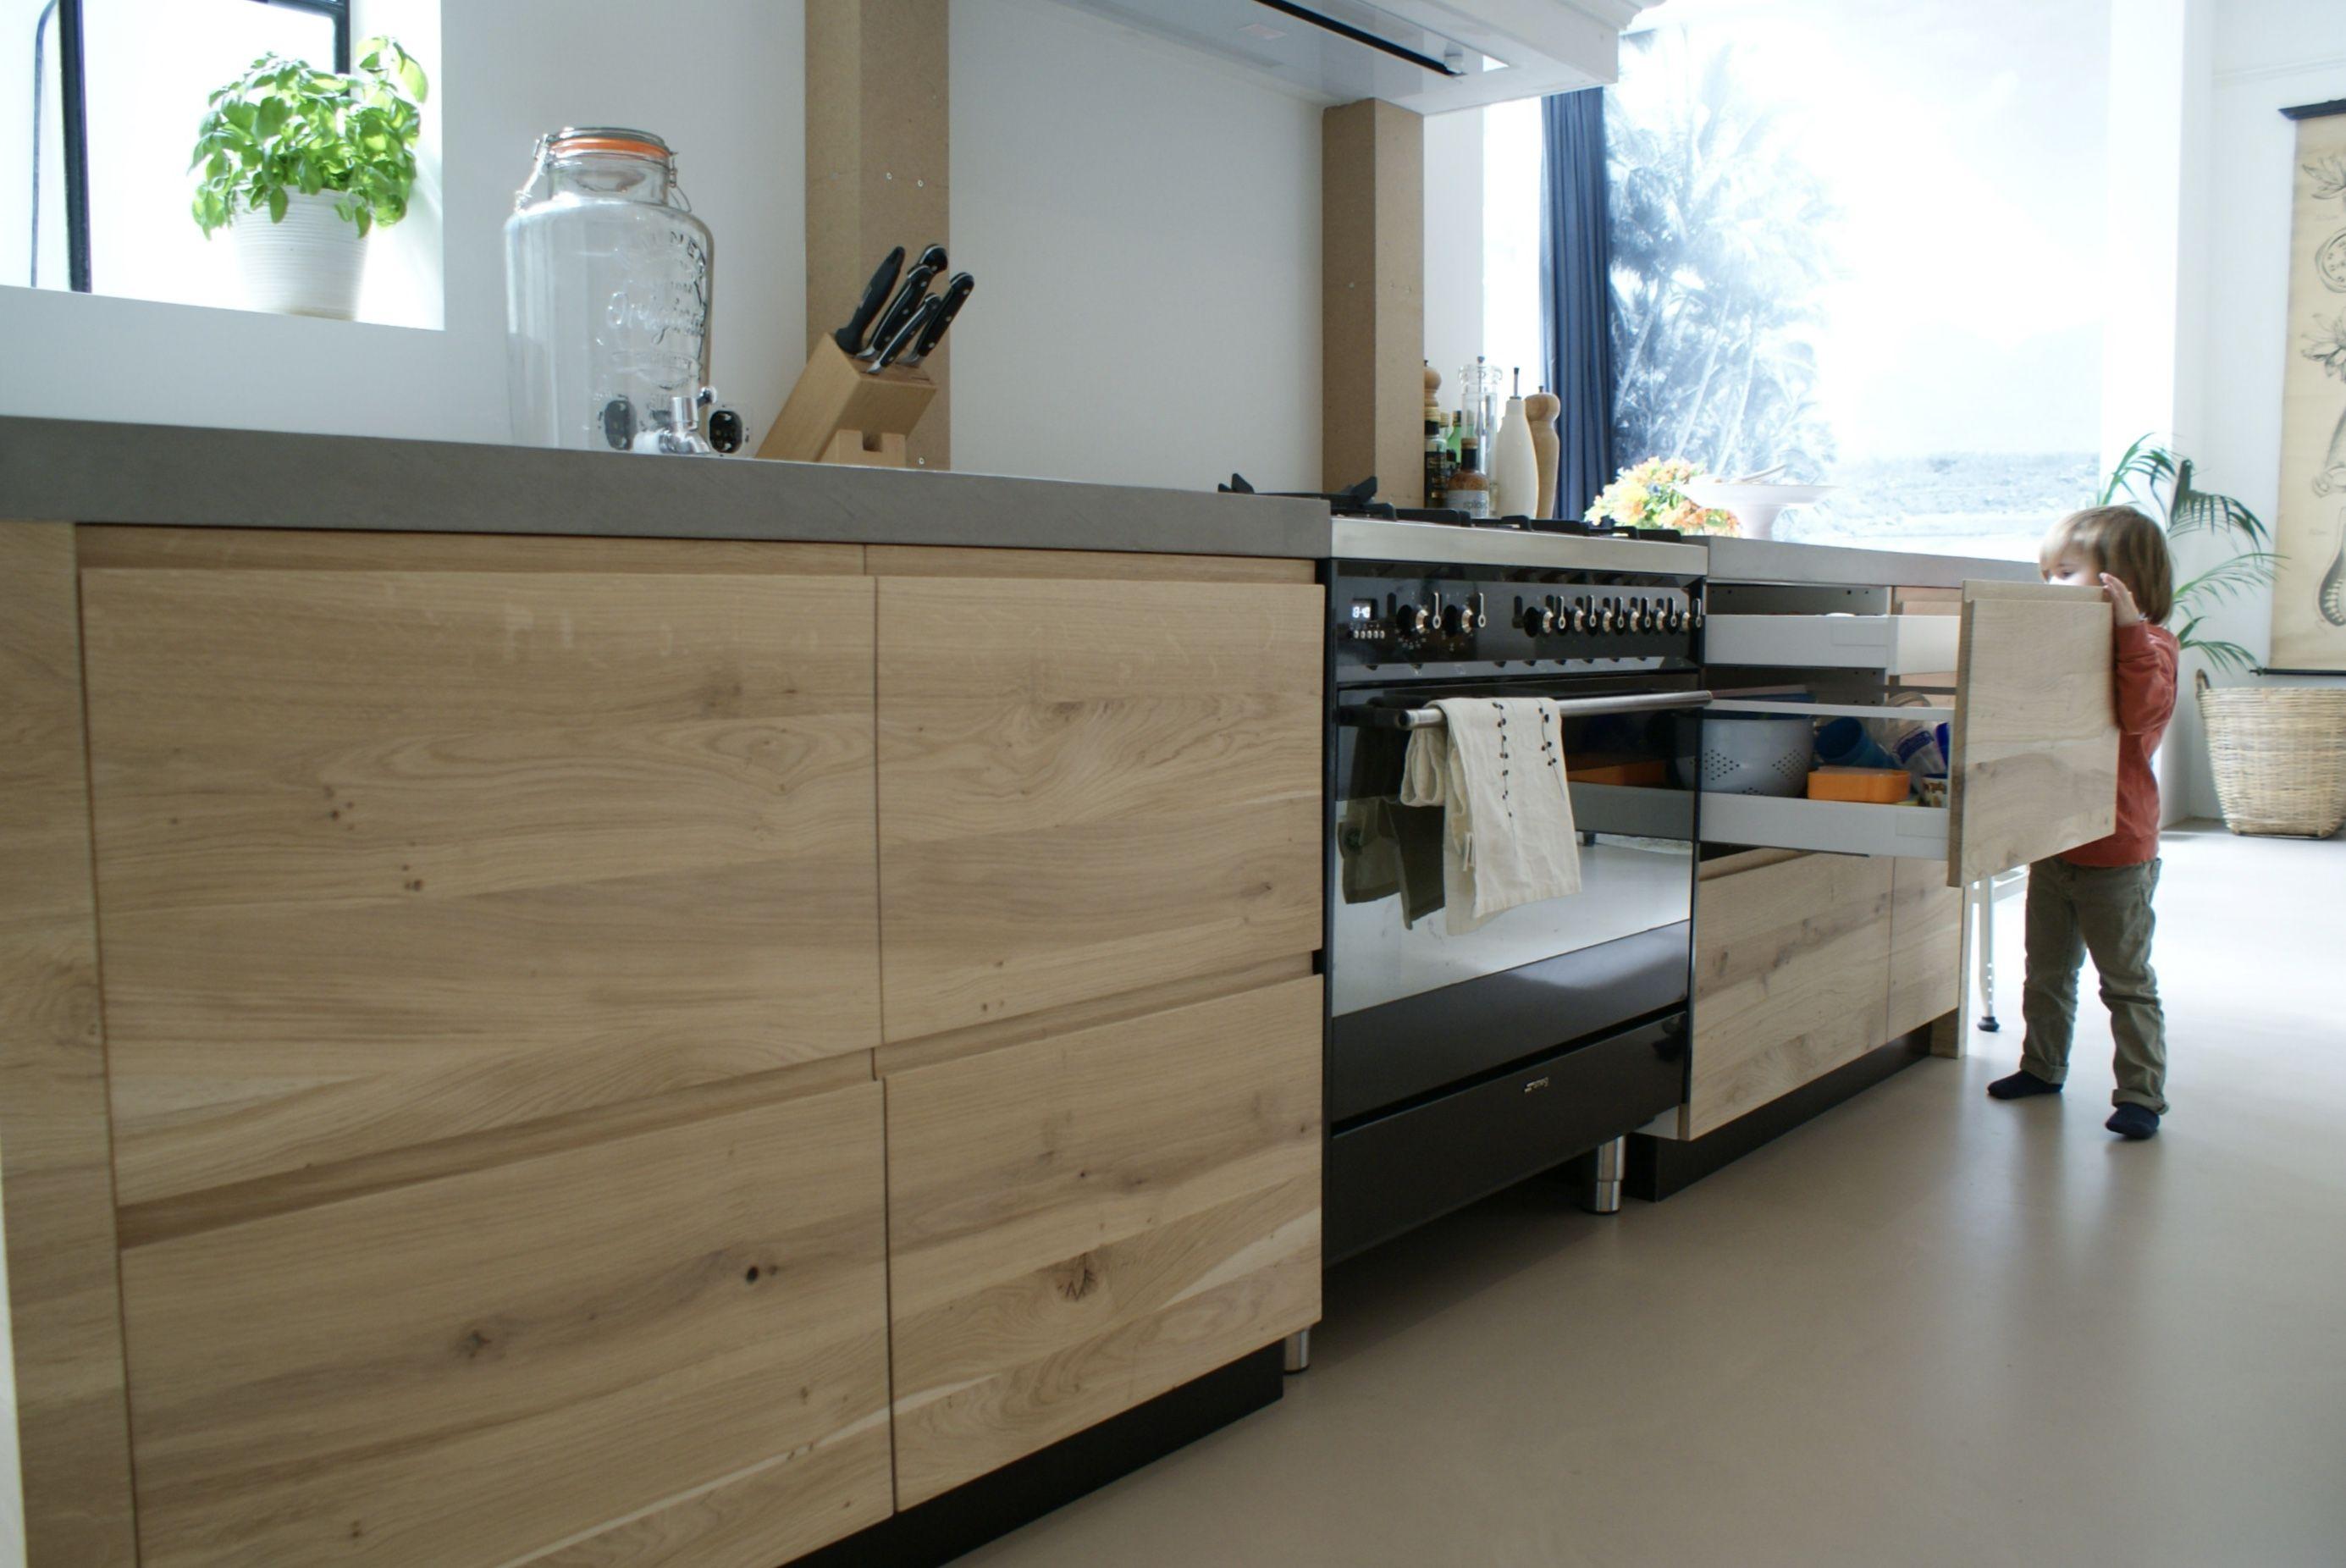 Ikea Küchentüren ~ Ikea keuken karkas aangekleed door frontz massief eikenhouten